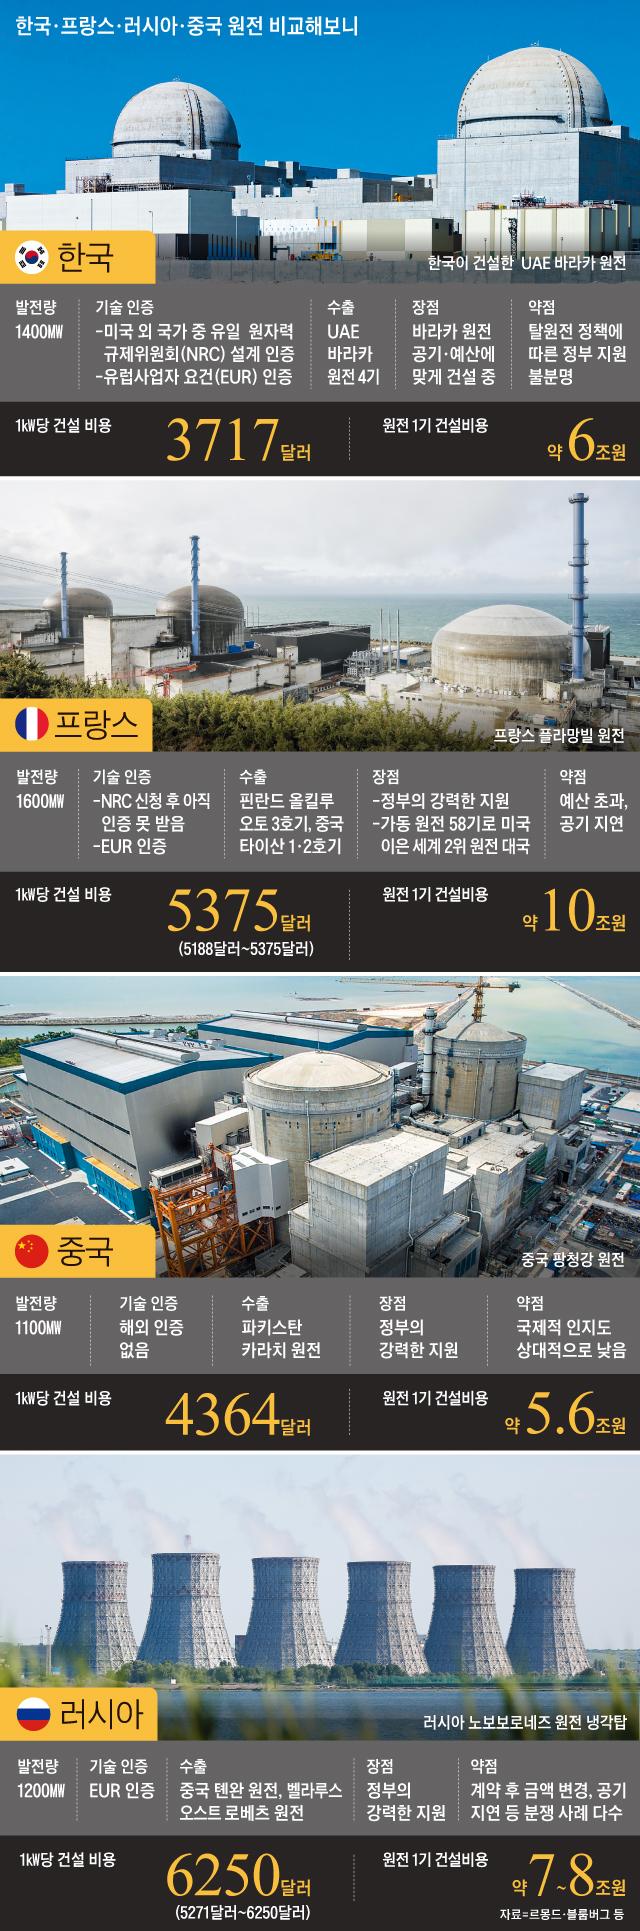 한국·러시아·프랑스·중국 원전 비교해보니